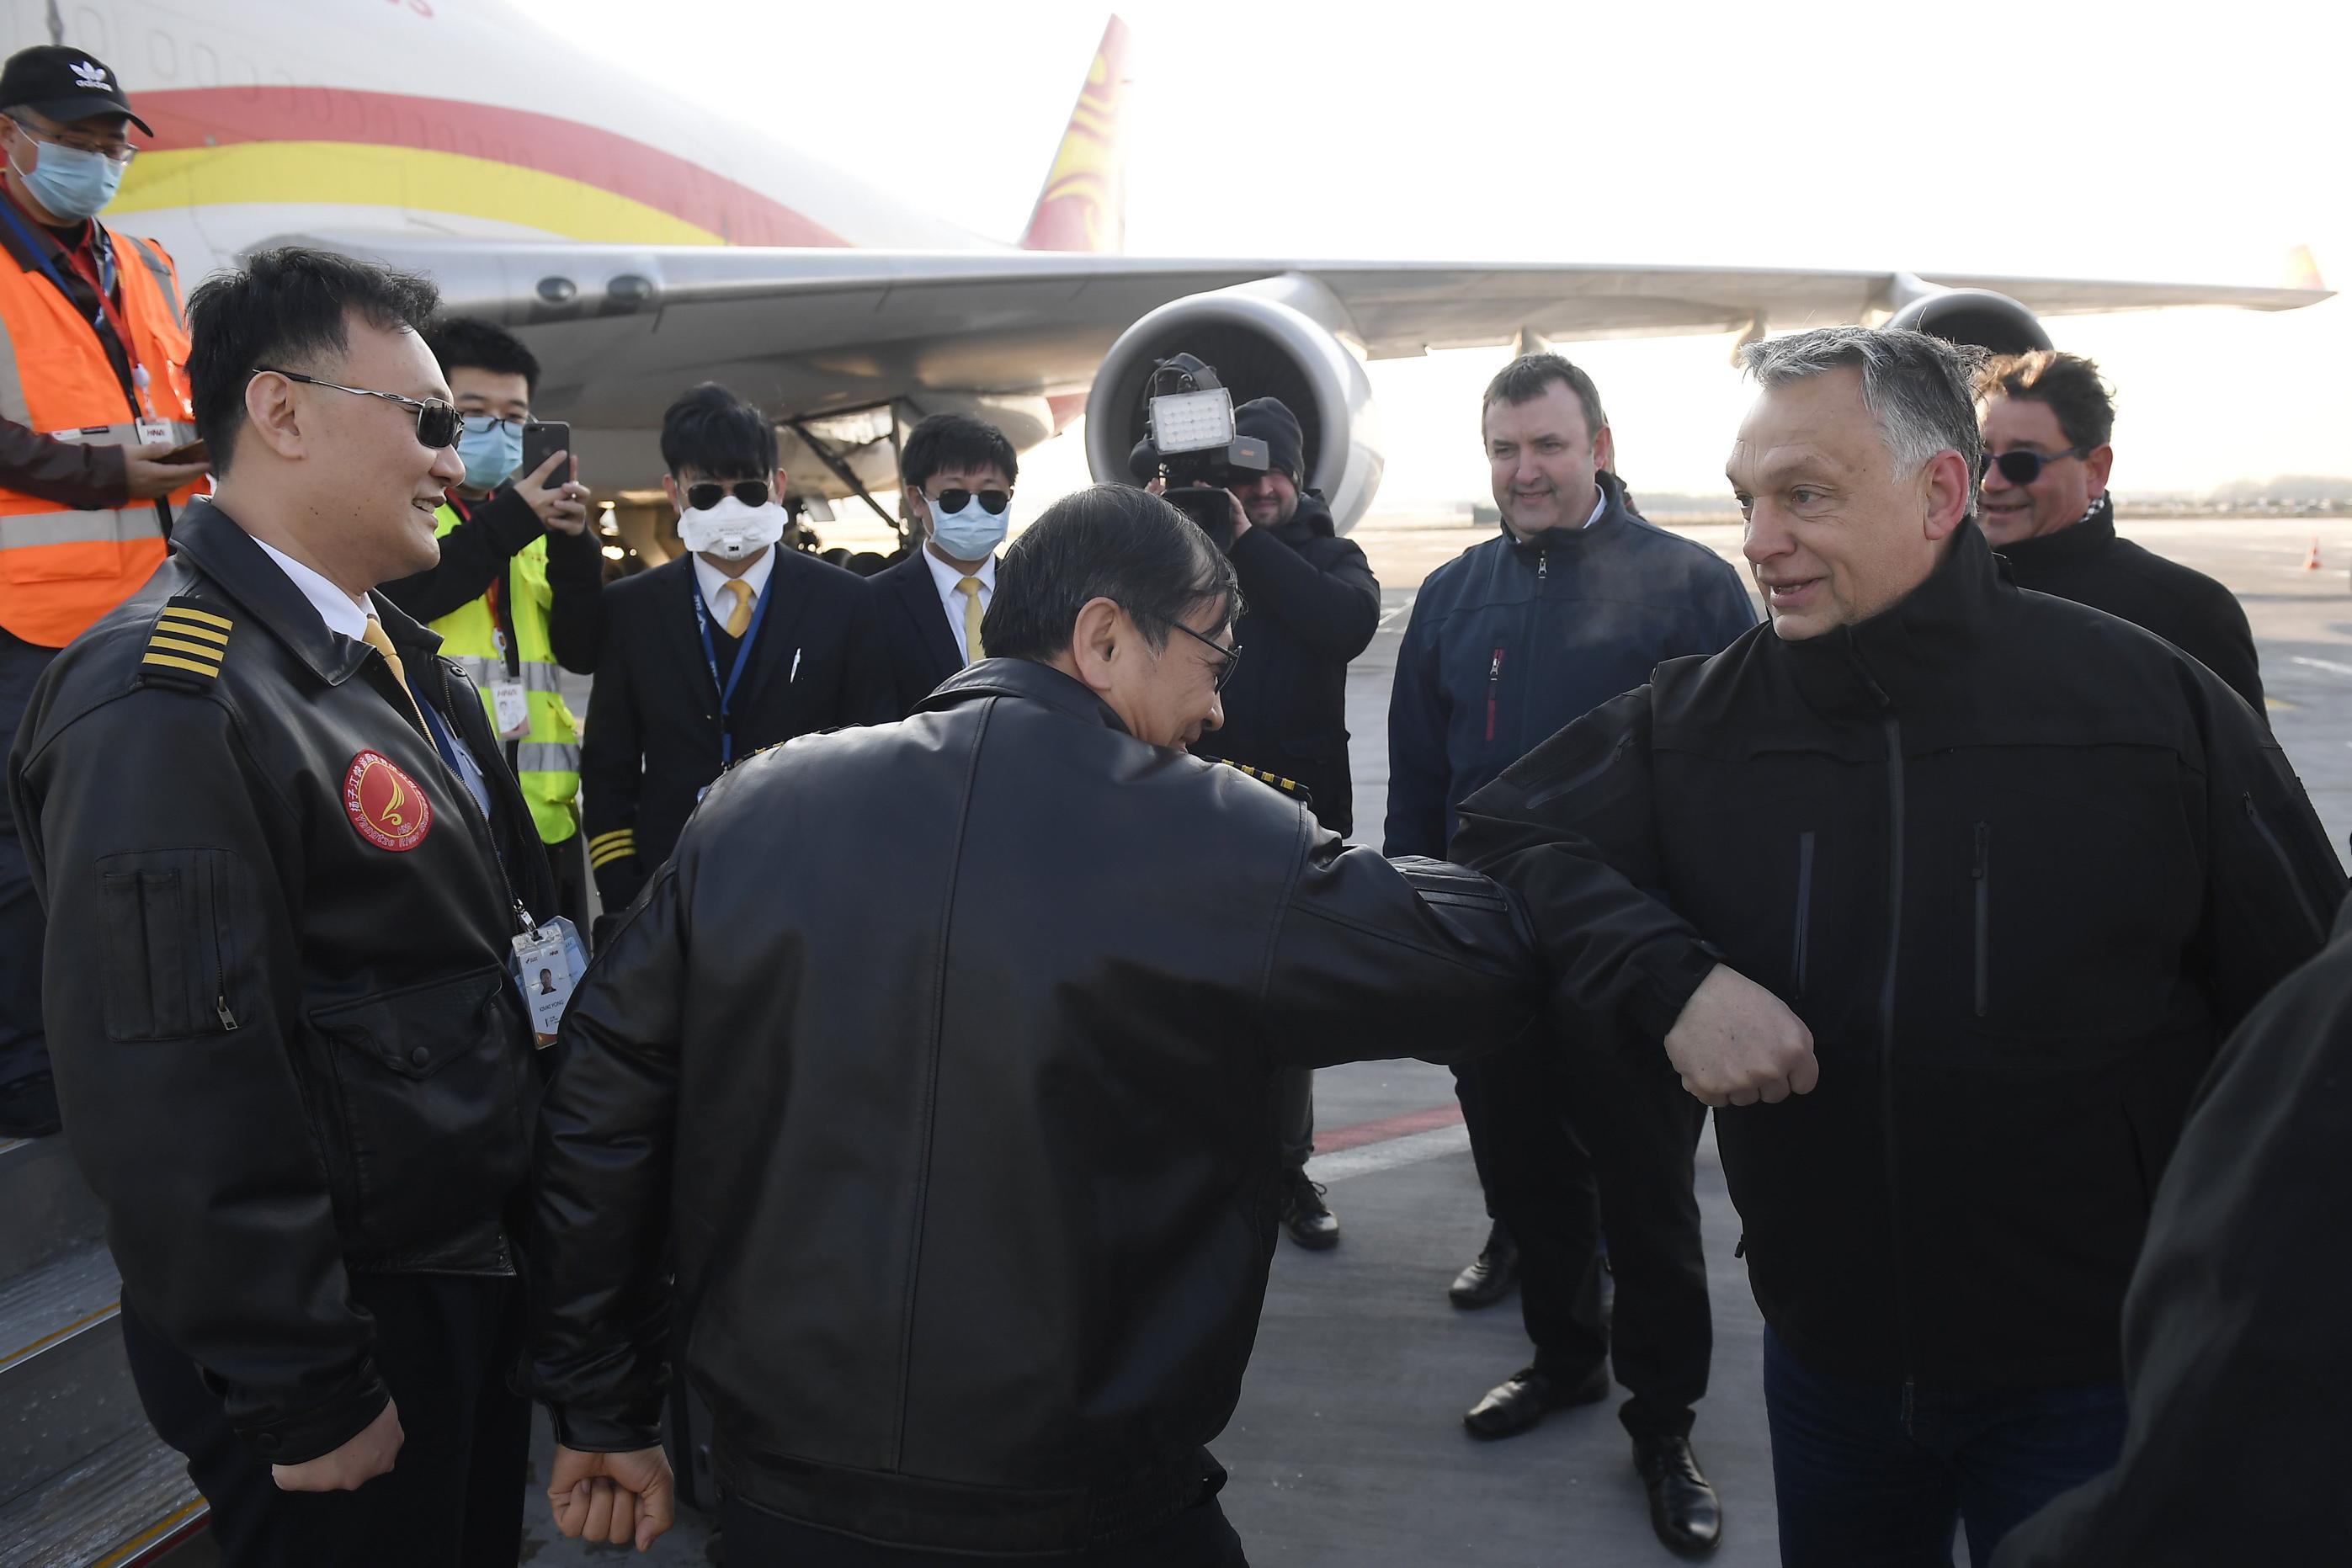 匈牙利从中国采购防疫物资的包机抵达布达佩斯